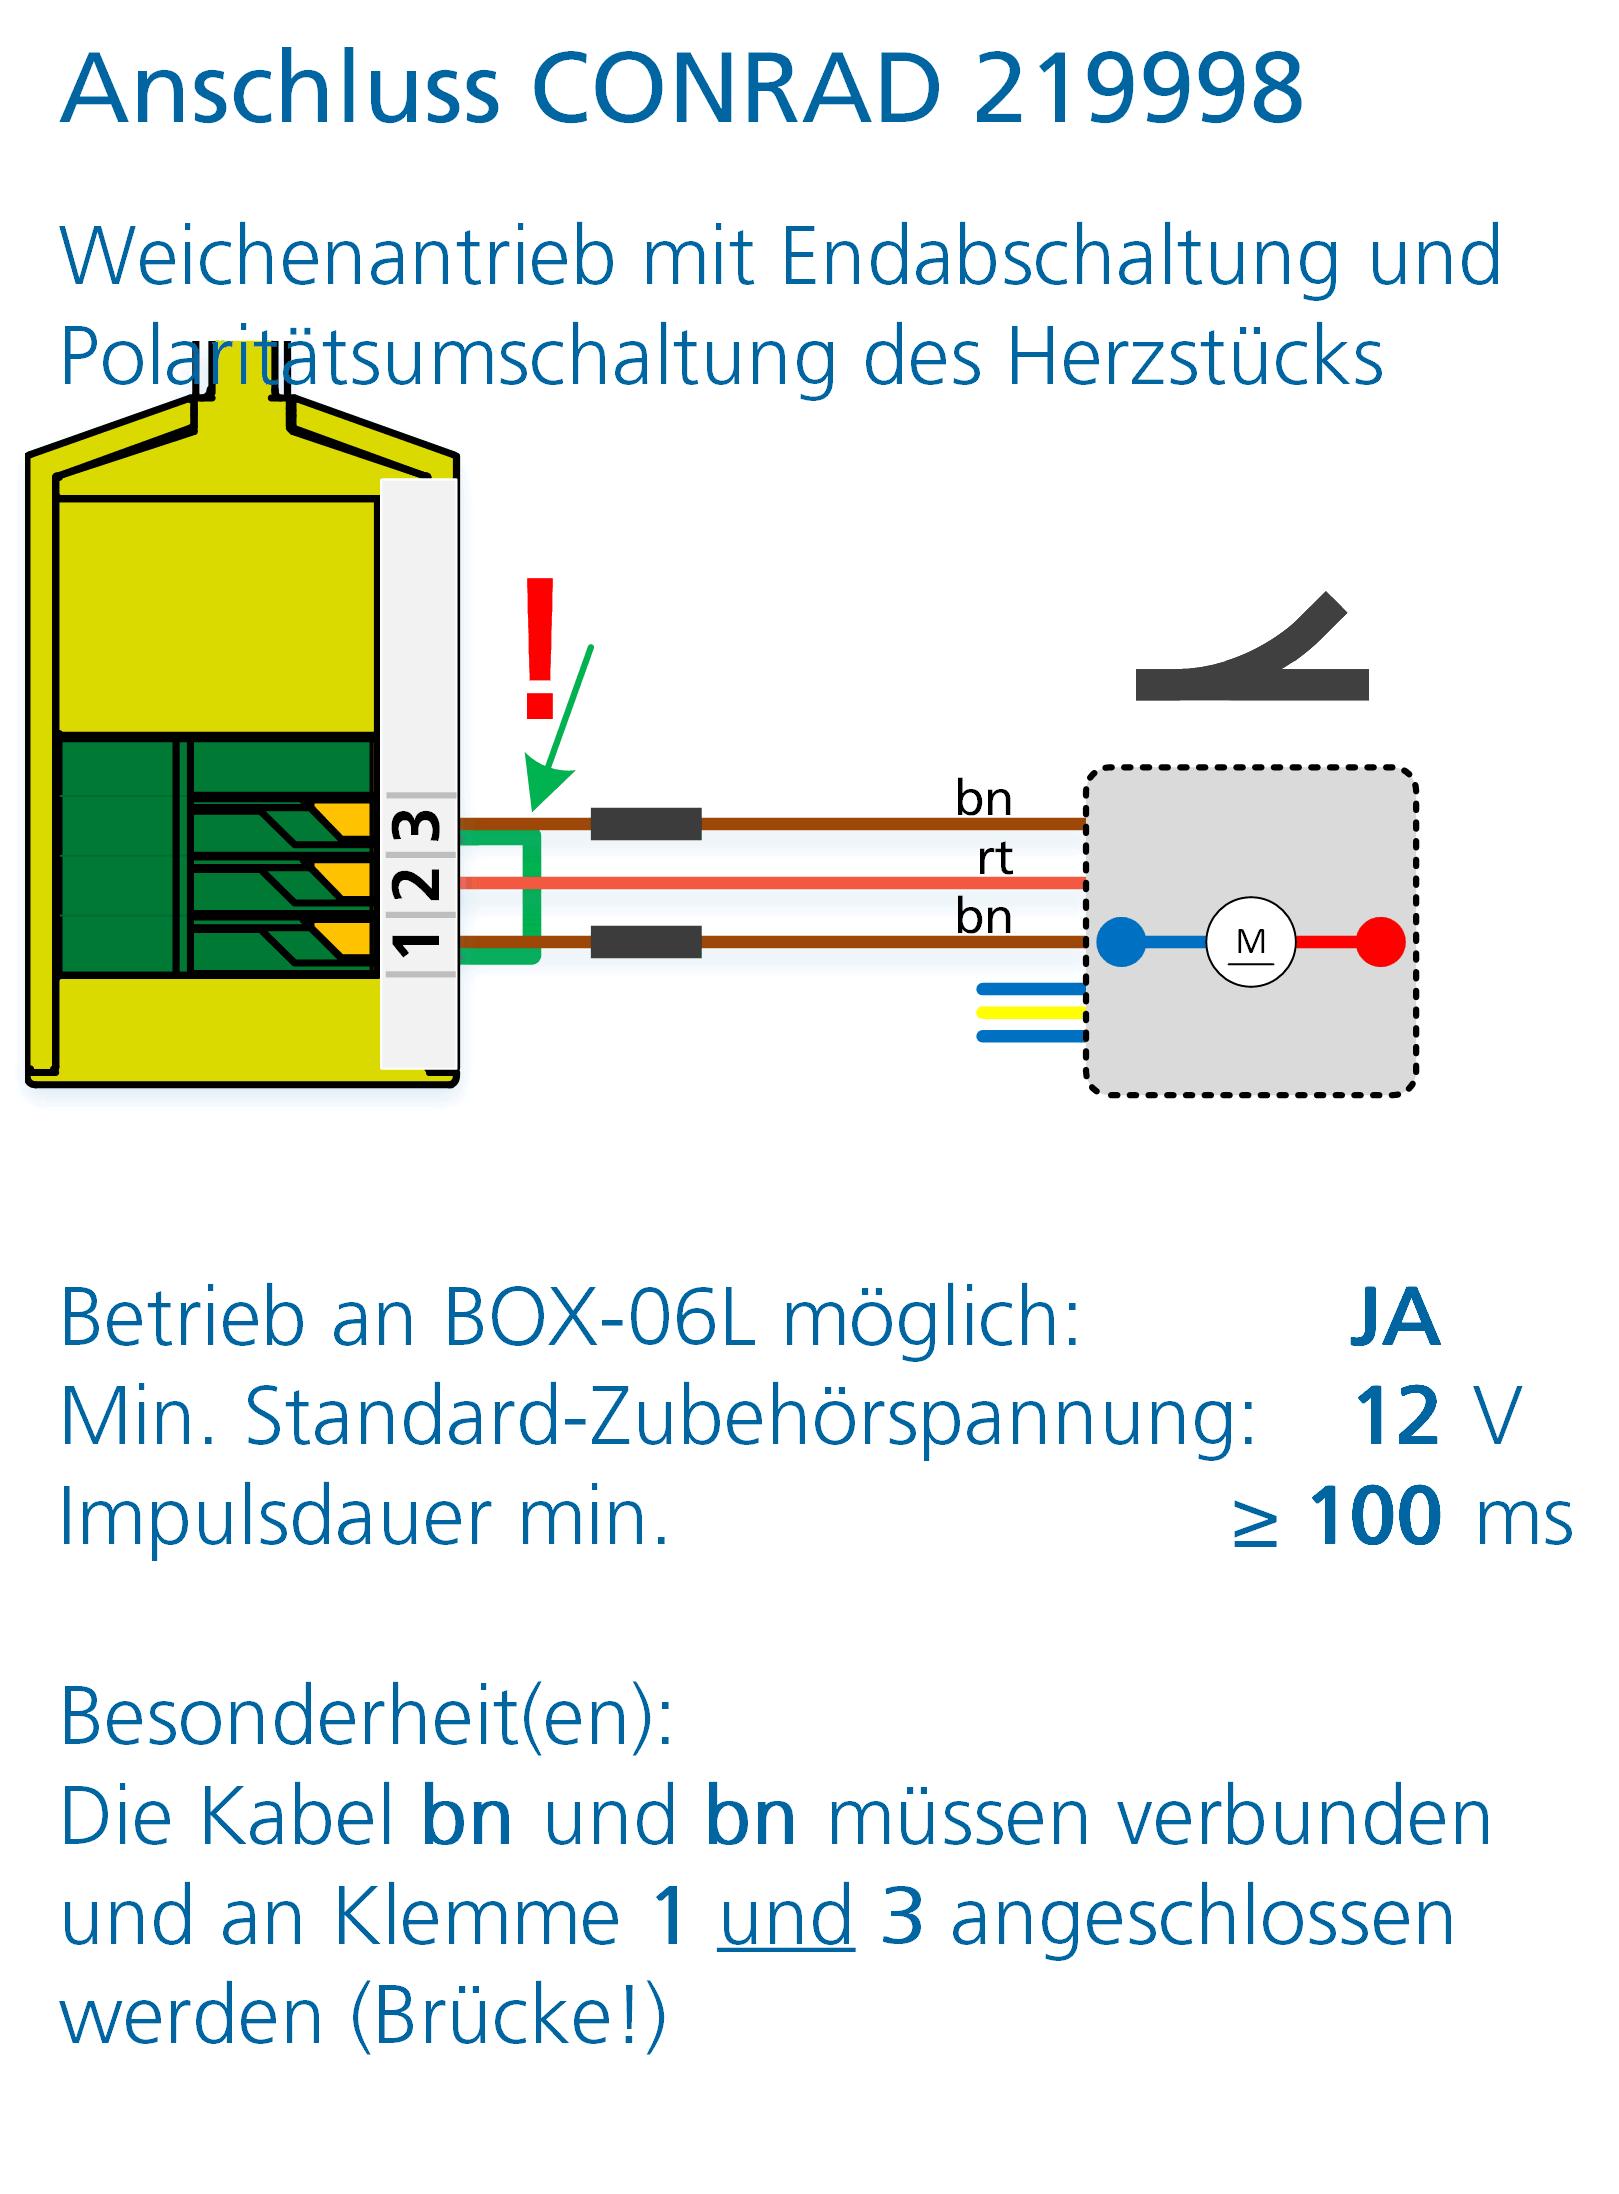 ALAN Adapter BRIDGE-03L Artikel-Nummer 18032 Anschlussbeispiel Conrad Weichenantrieb 219998